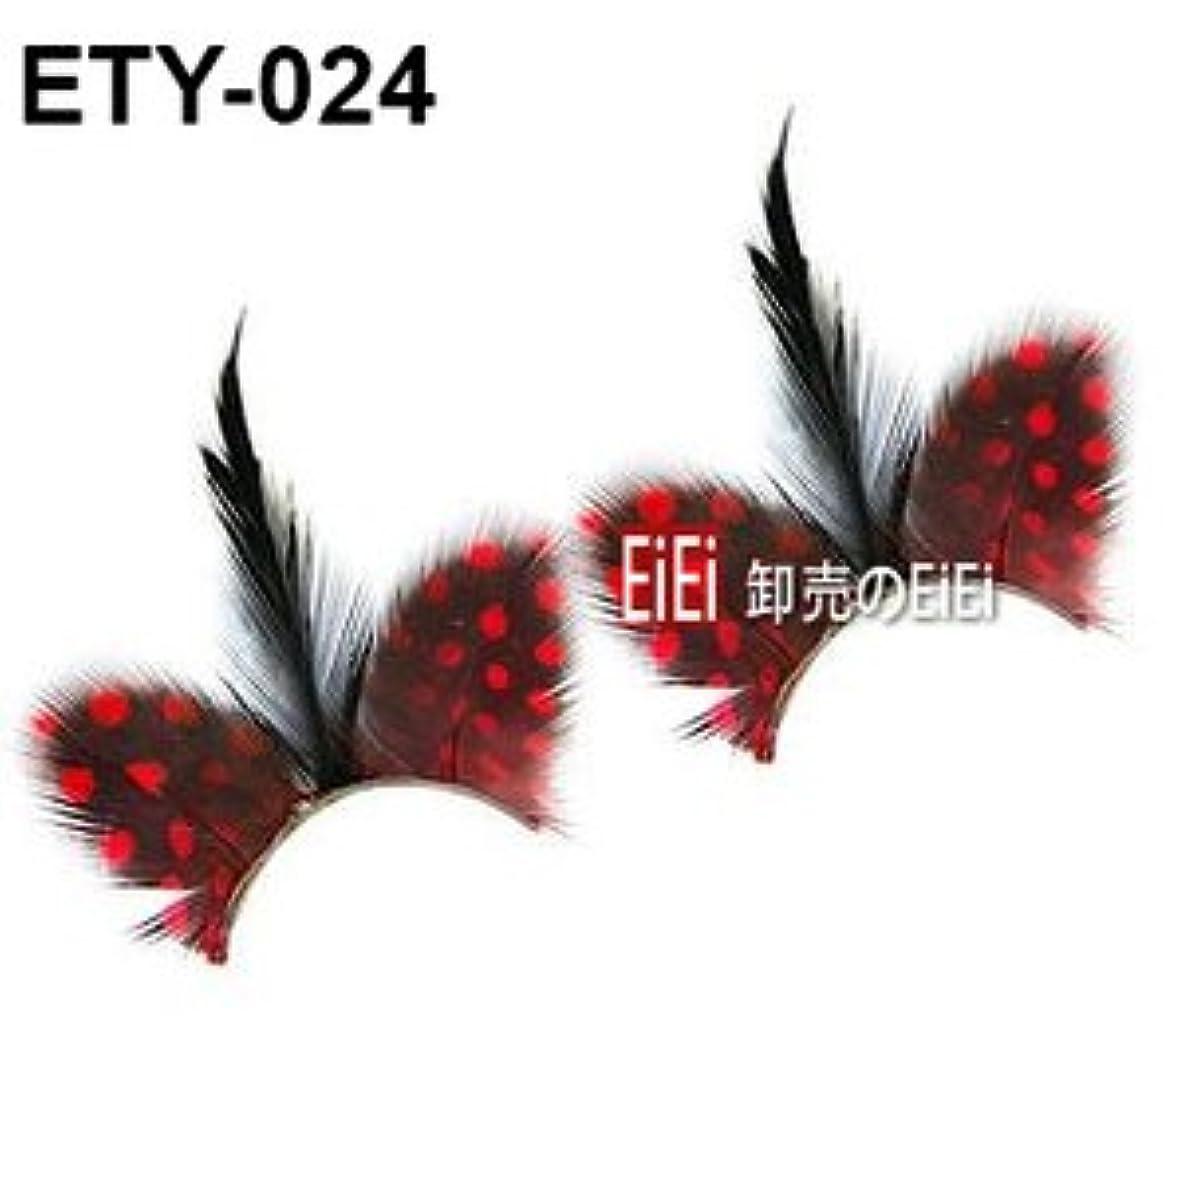 仕事に行く報復する乗ってつけまつげ セット 羽 ナチュラル つけま 部分 まつげ 羽まつげ 羽根つけま カラー デザイン フェザー 激安 アイラッシュ ETY-104